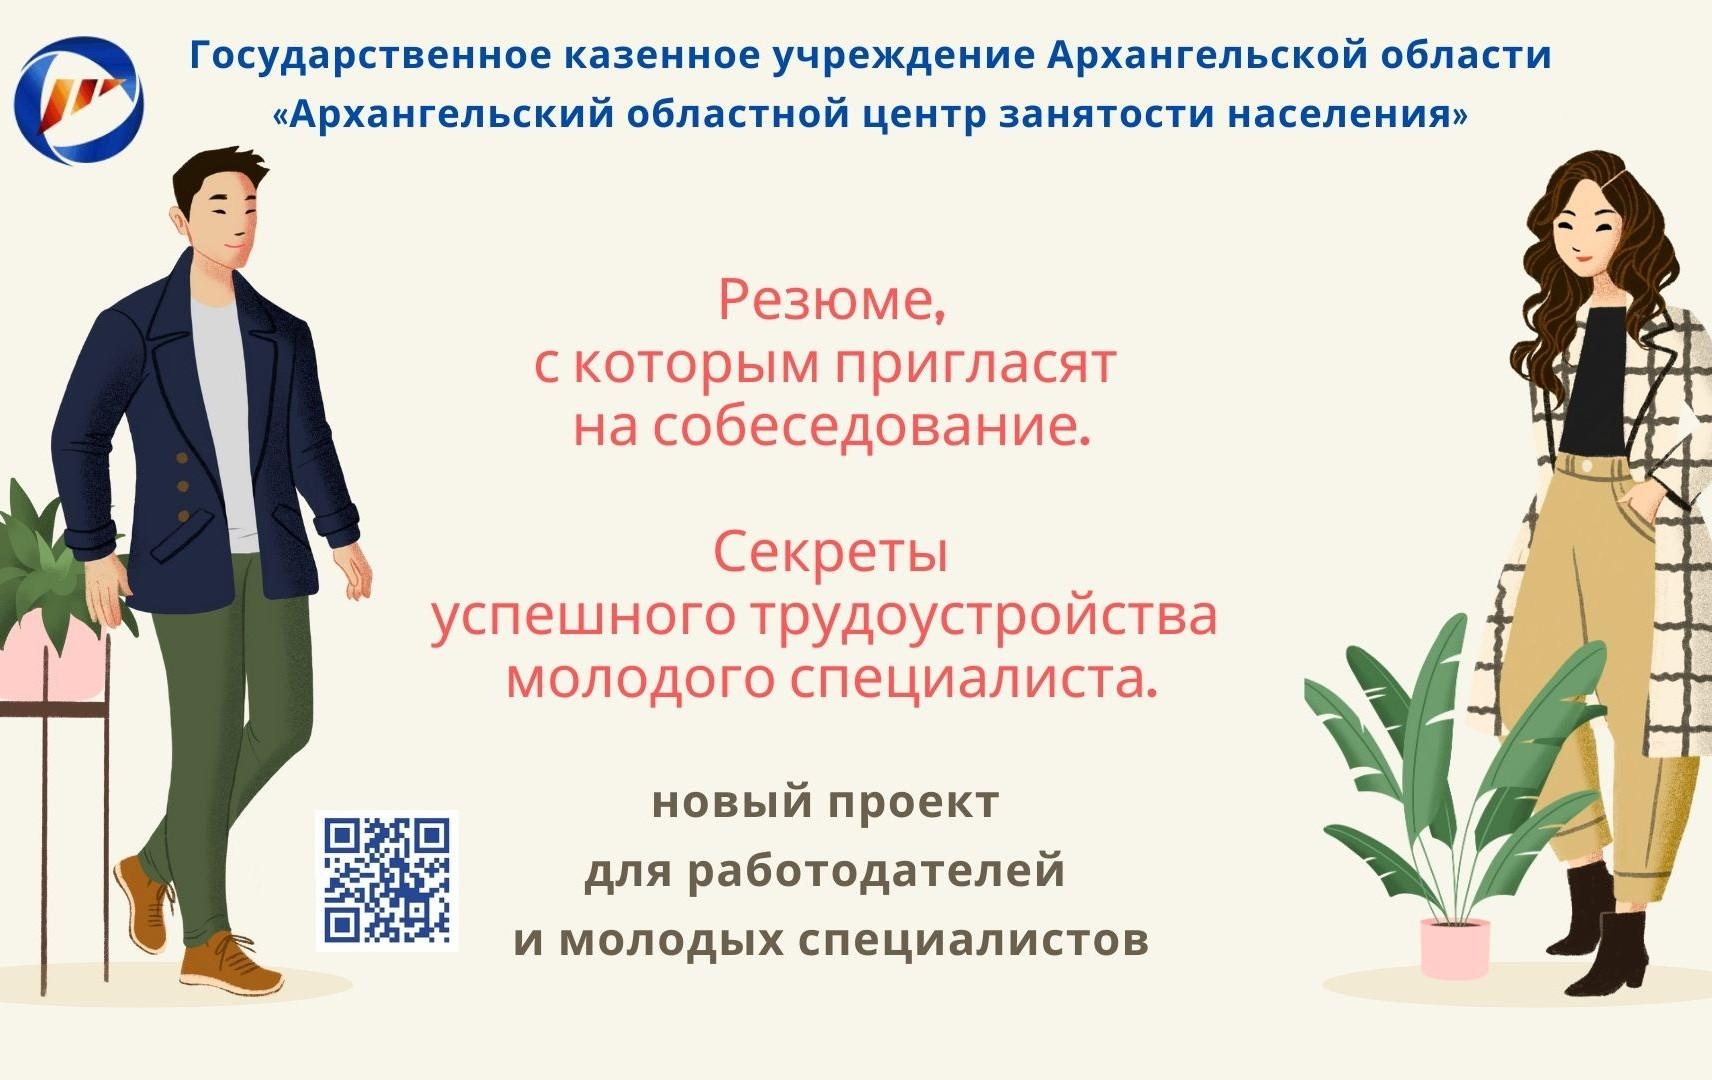 Резюме, с которым пригласят на собеседование: проект по трудоустройству приглашает к участию молодёжь